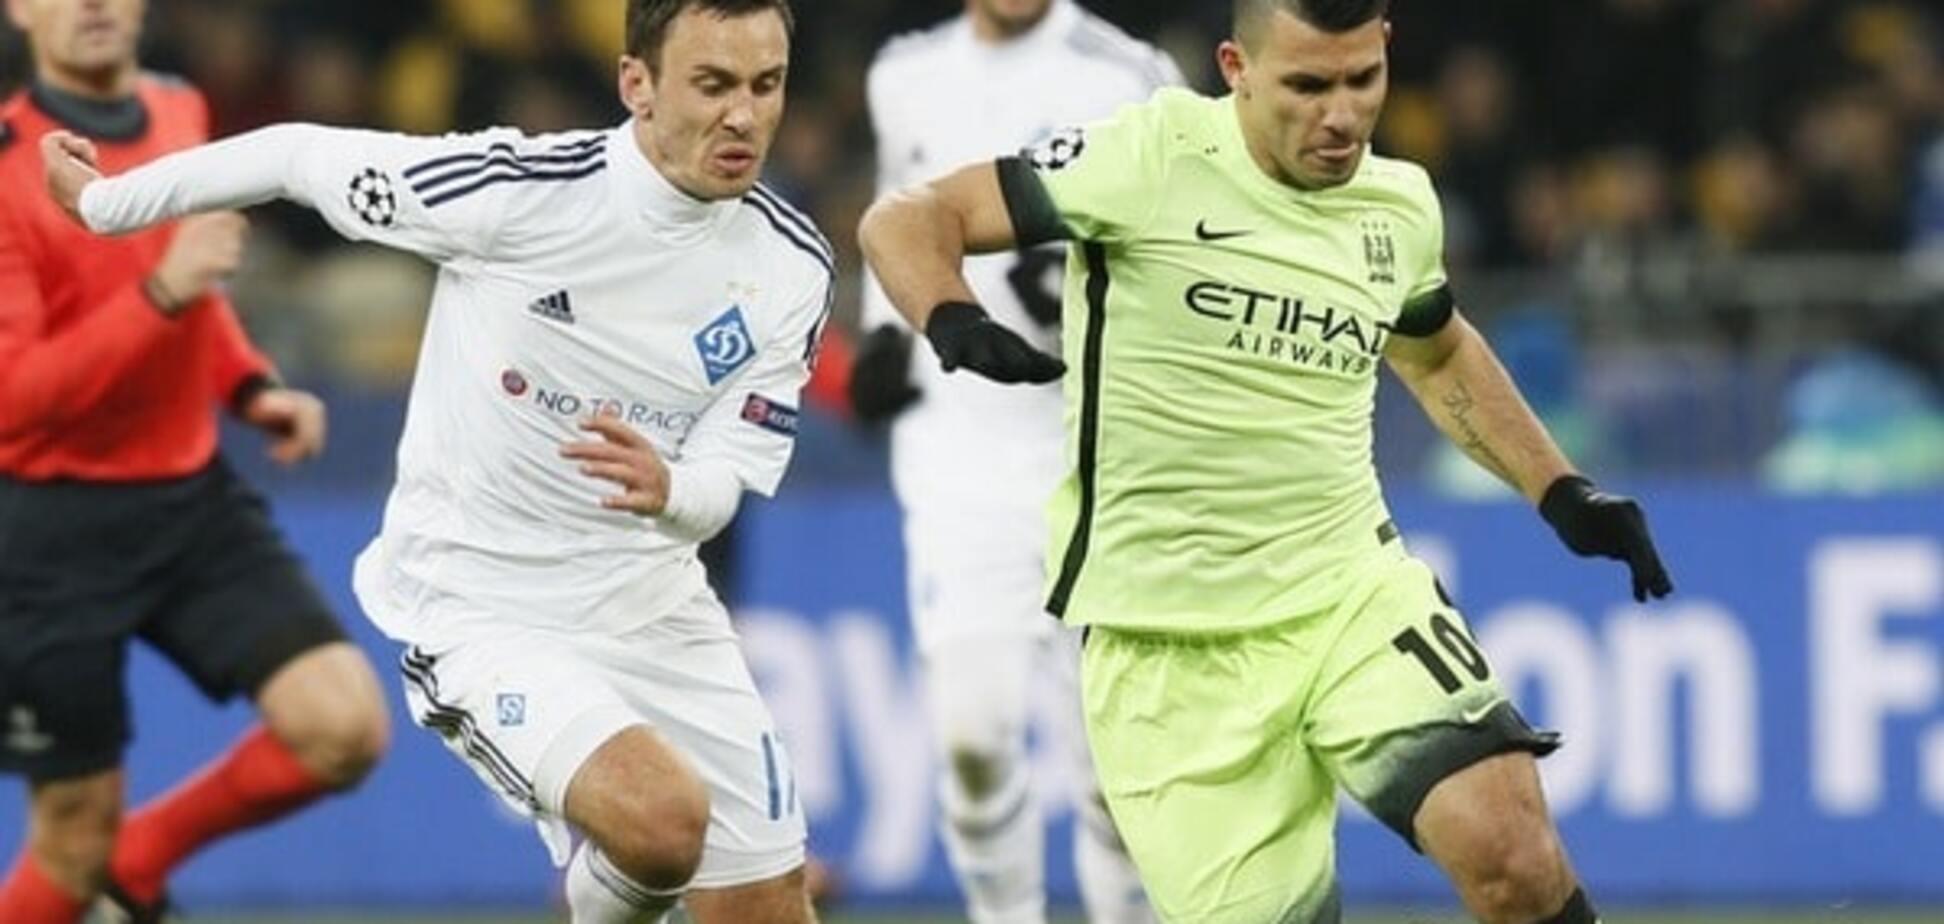 Це втрата: ключовий гравець 'Динамо' отримав травму перед матчем 'Манчестер Сіті'